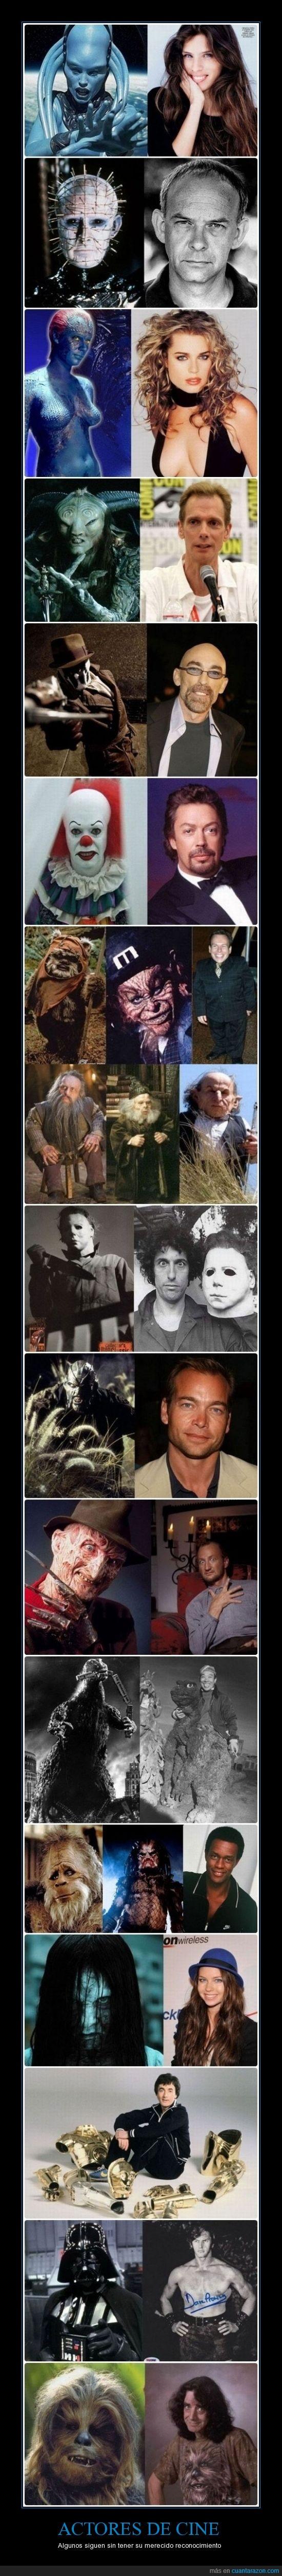 actores,caracterizacion,chewbacca,cine,mérito,monstruos,películas